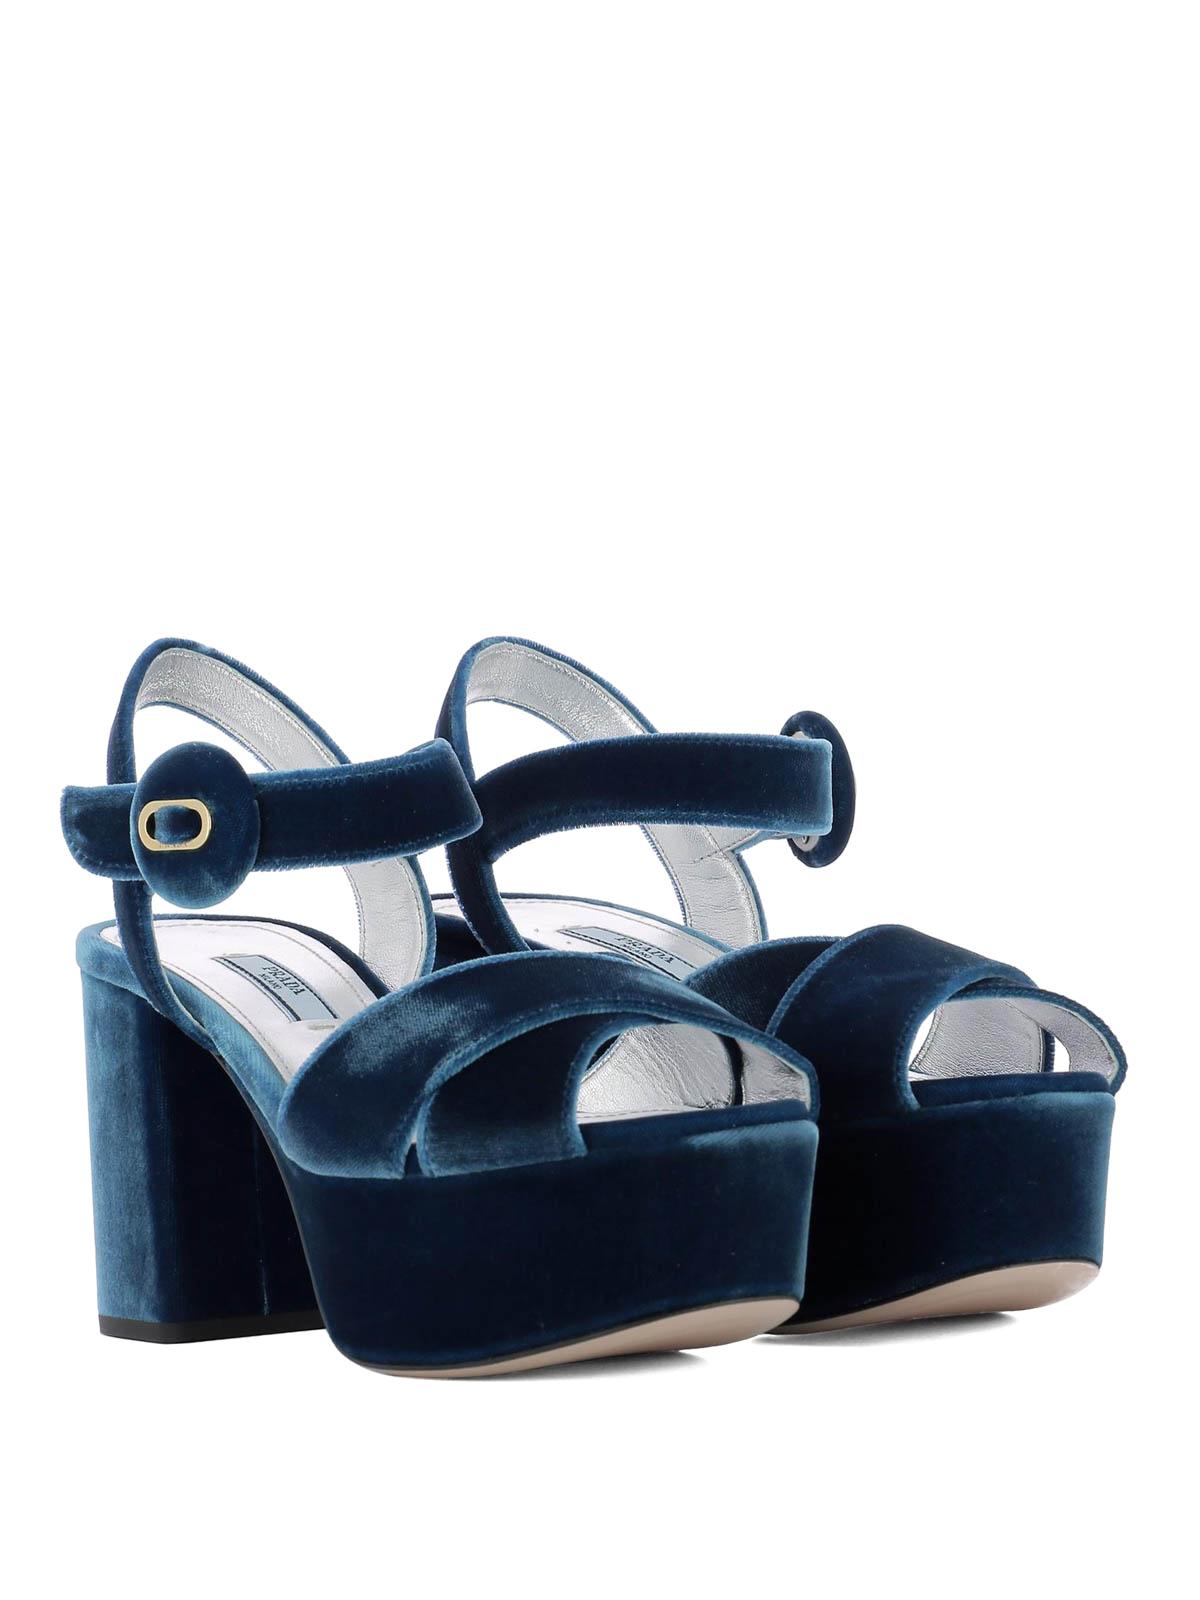 Light blue velvet platform sandals